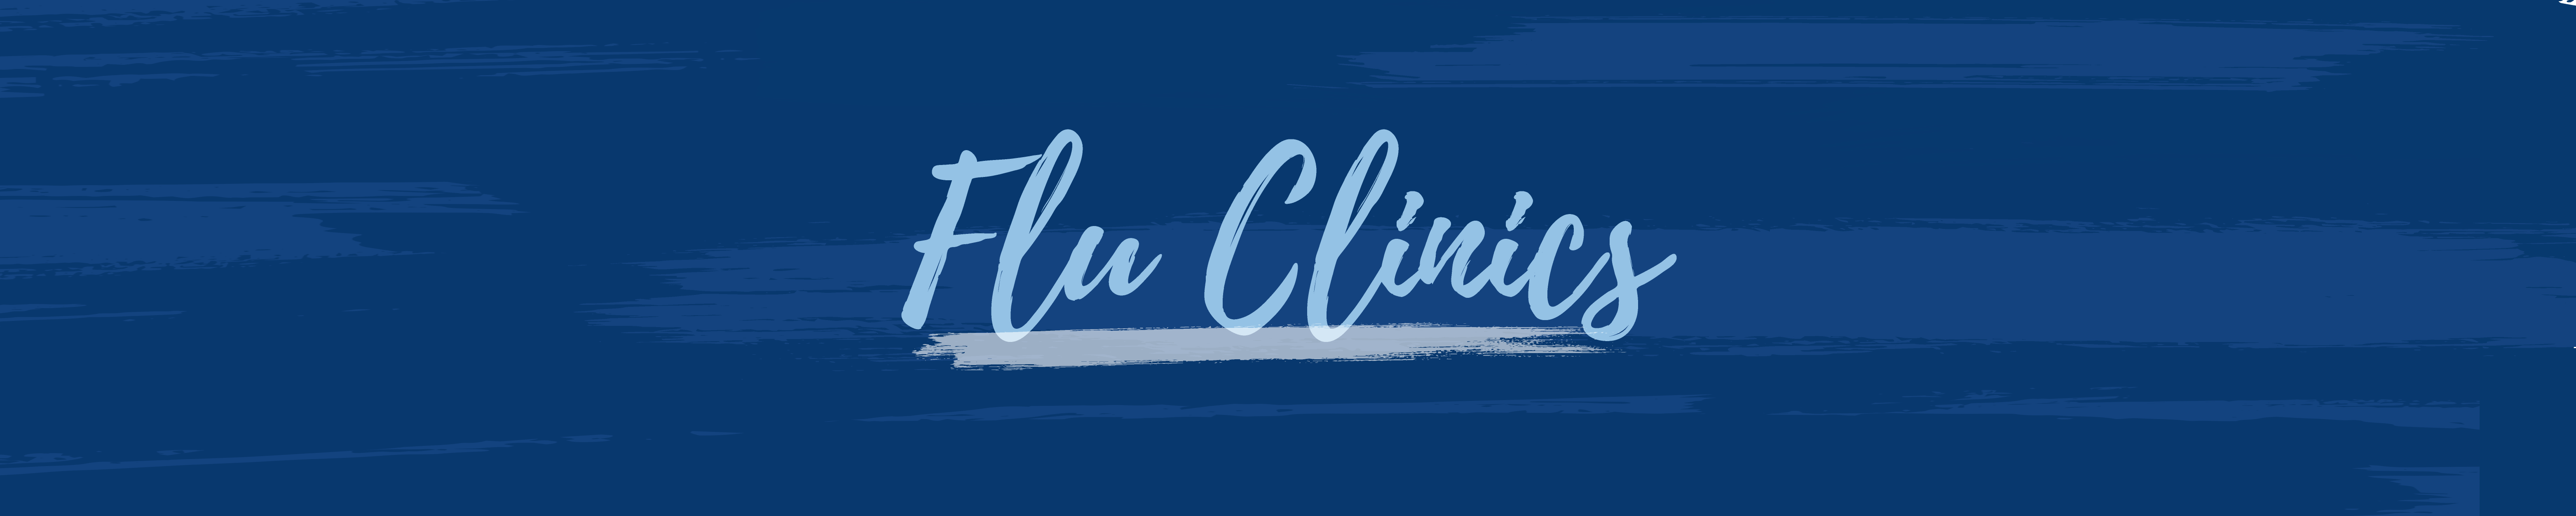 Flu Clinics Banner